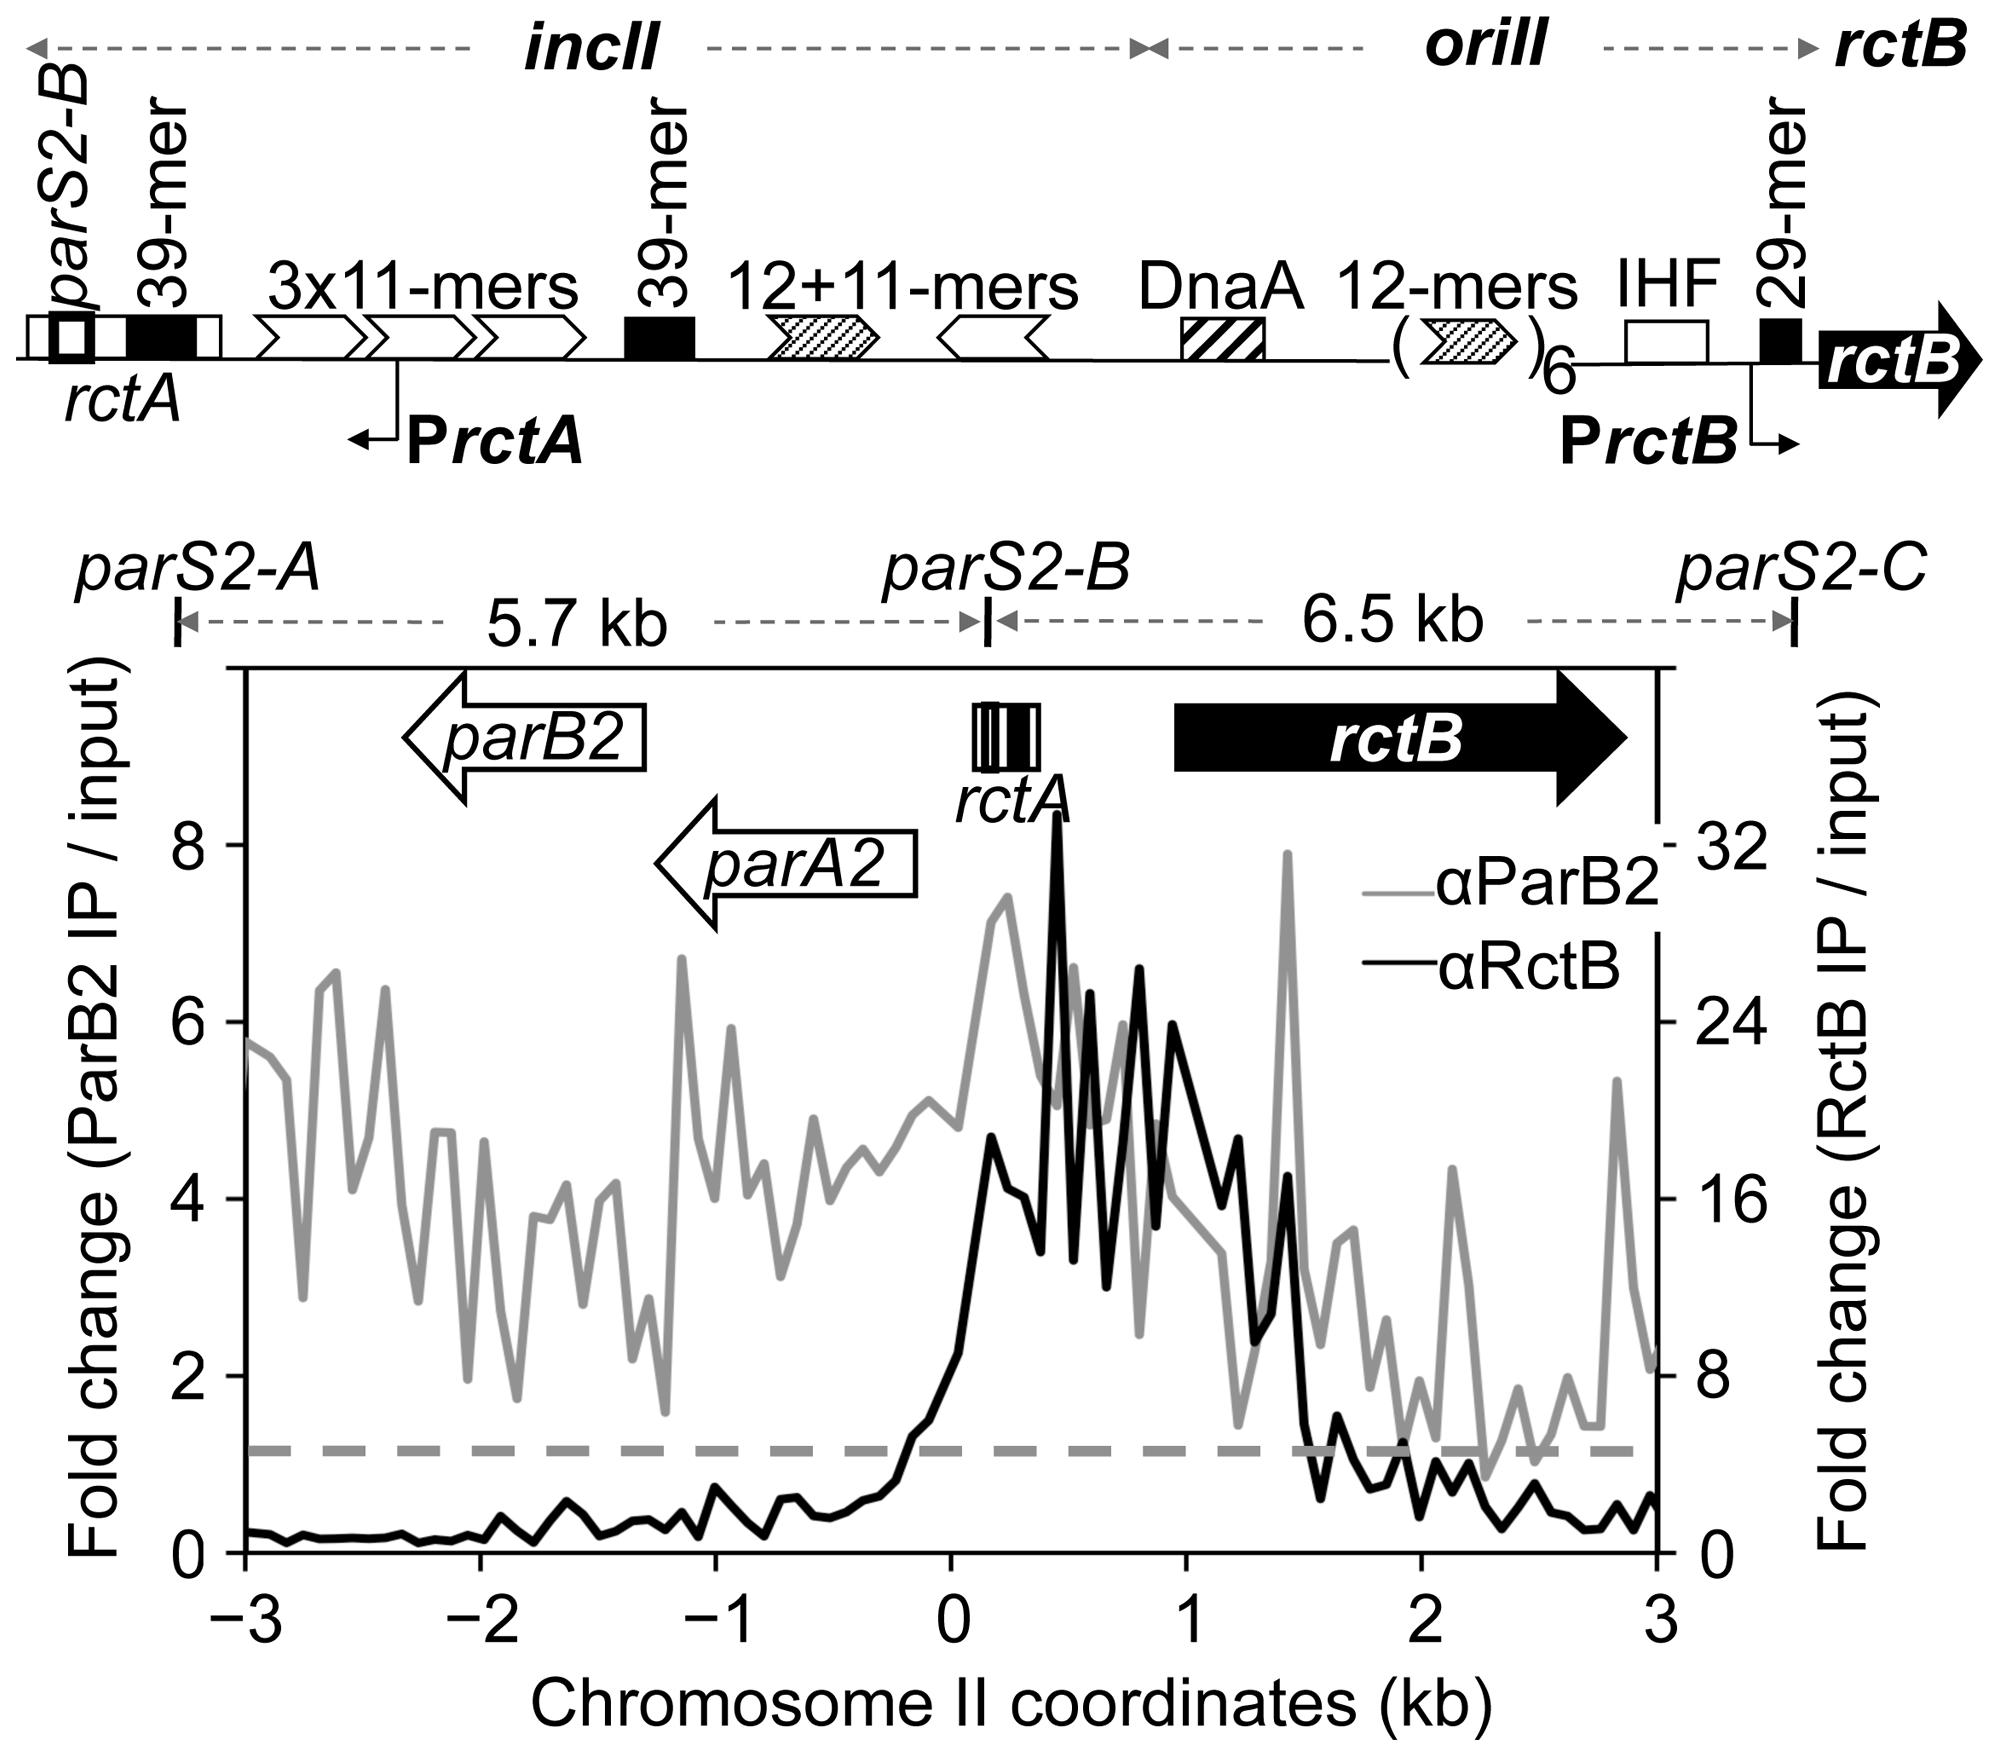 ParB2 spreads into the replication origin of <i>V. cholerae</i> chromosome II (chrII).